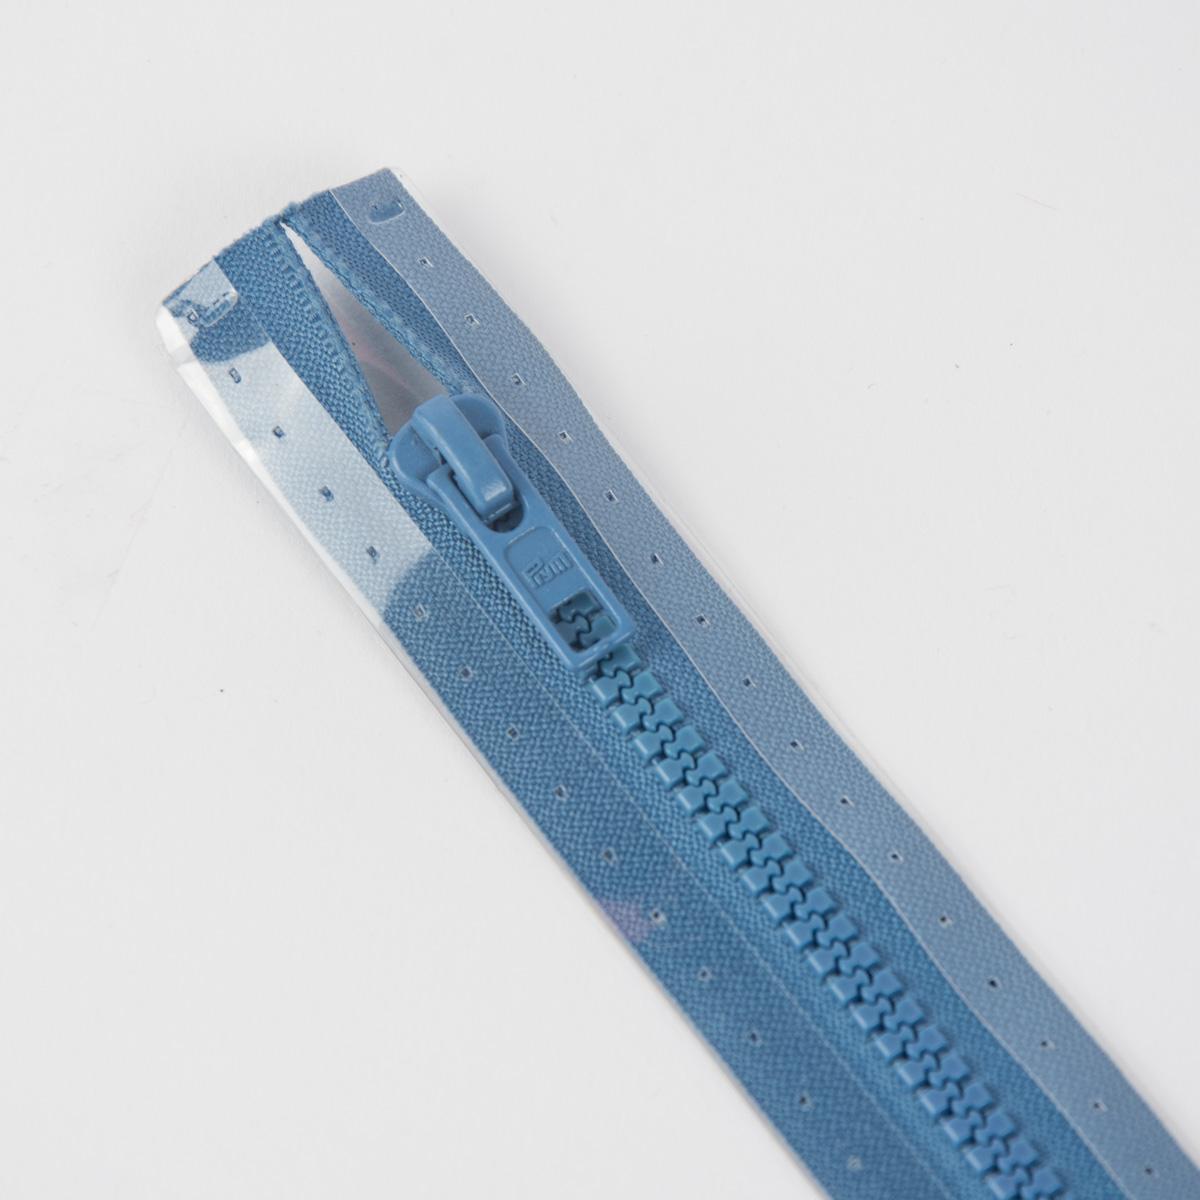 Reißverschluss S4 Profil tb 60 cm Fla azurblau